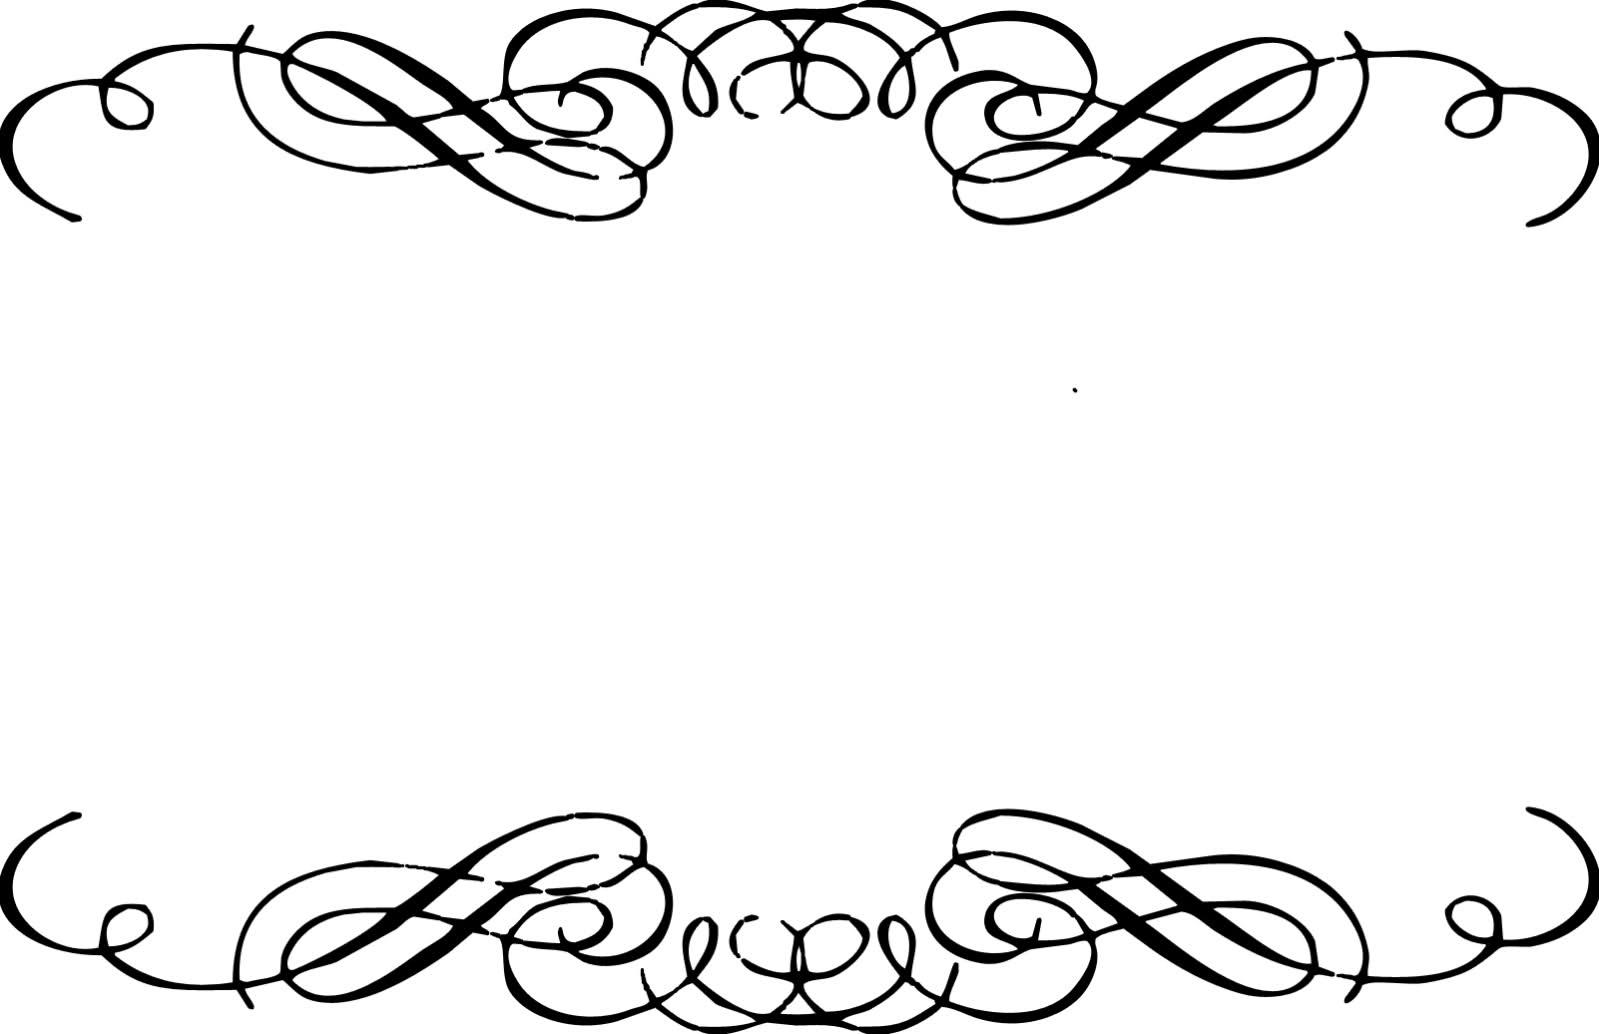 1599x1034 Elegant Border Clip Art